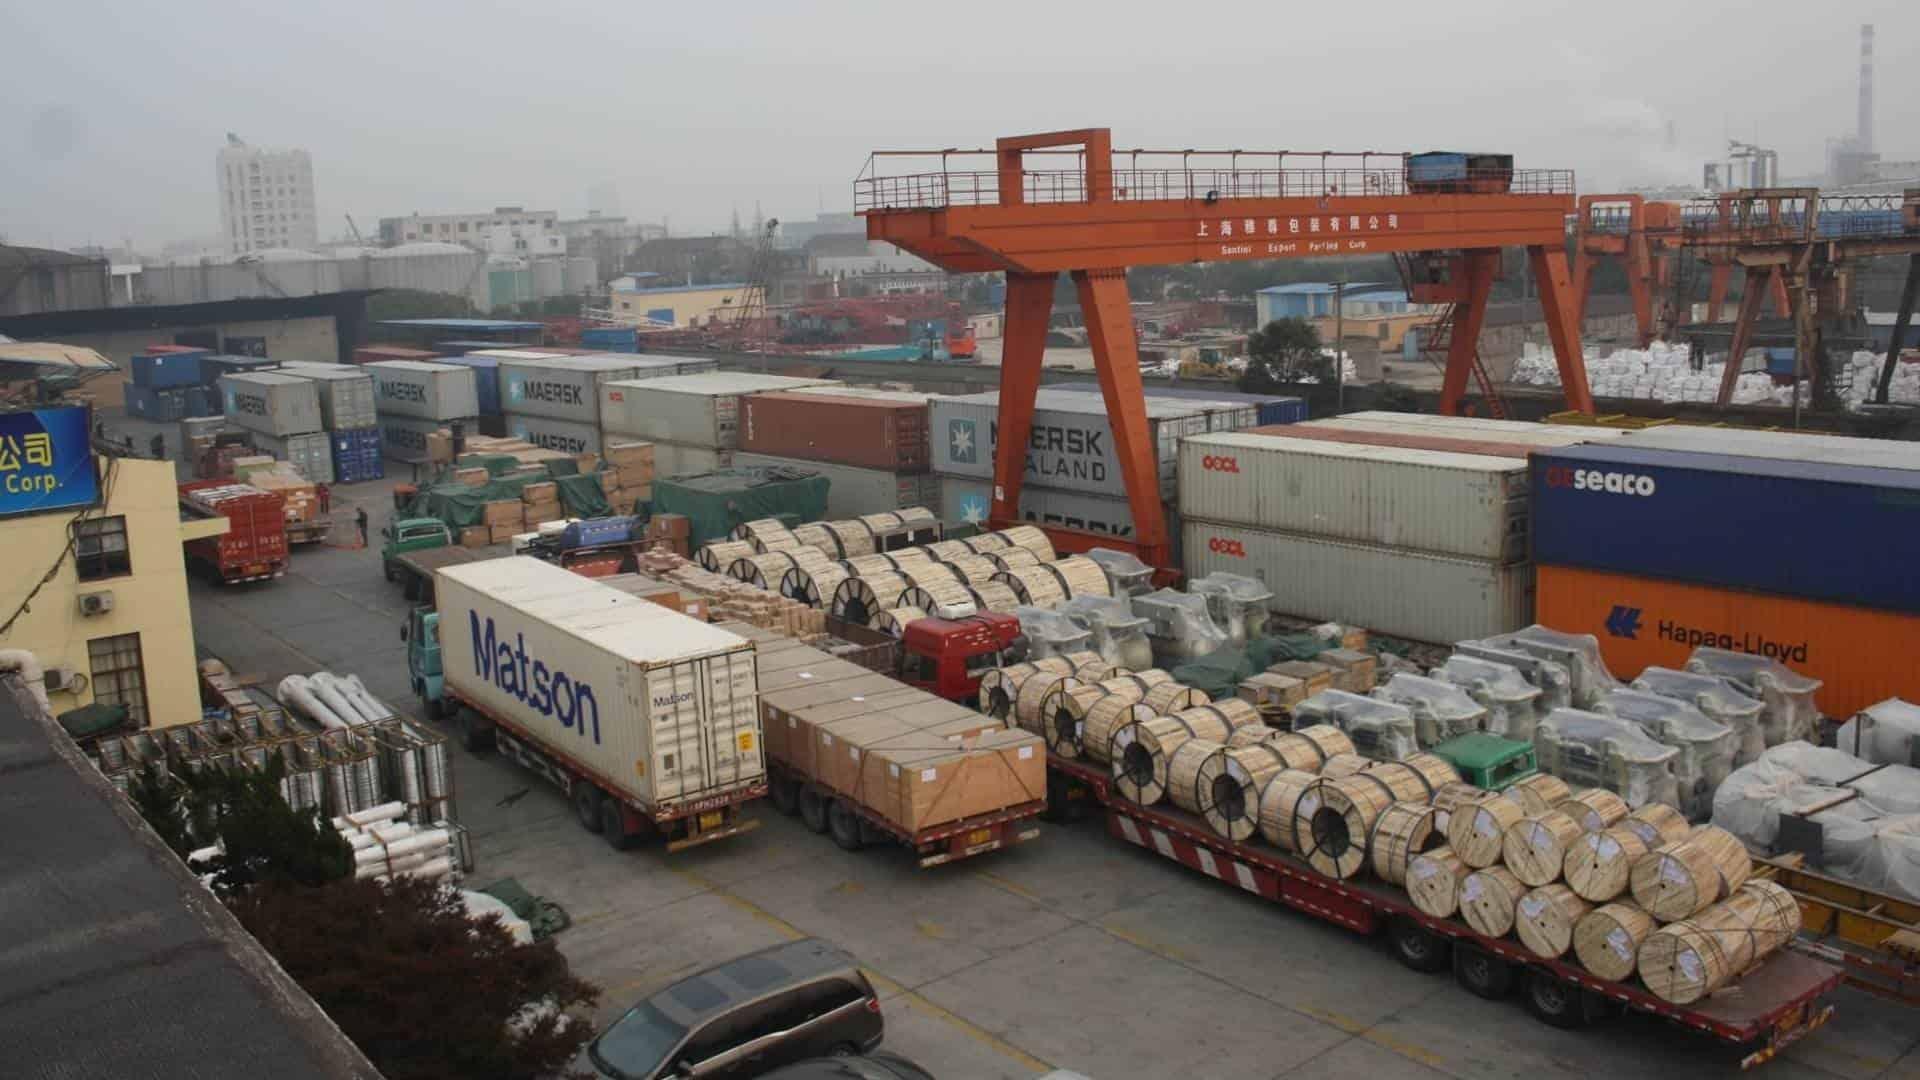 China Export Packing Warehousing and Laydown Yard